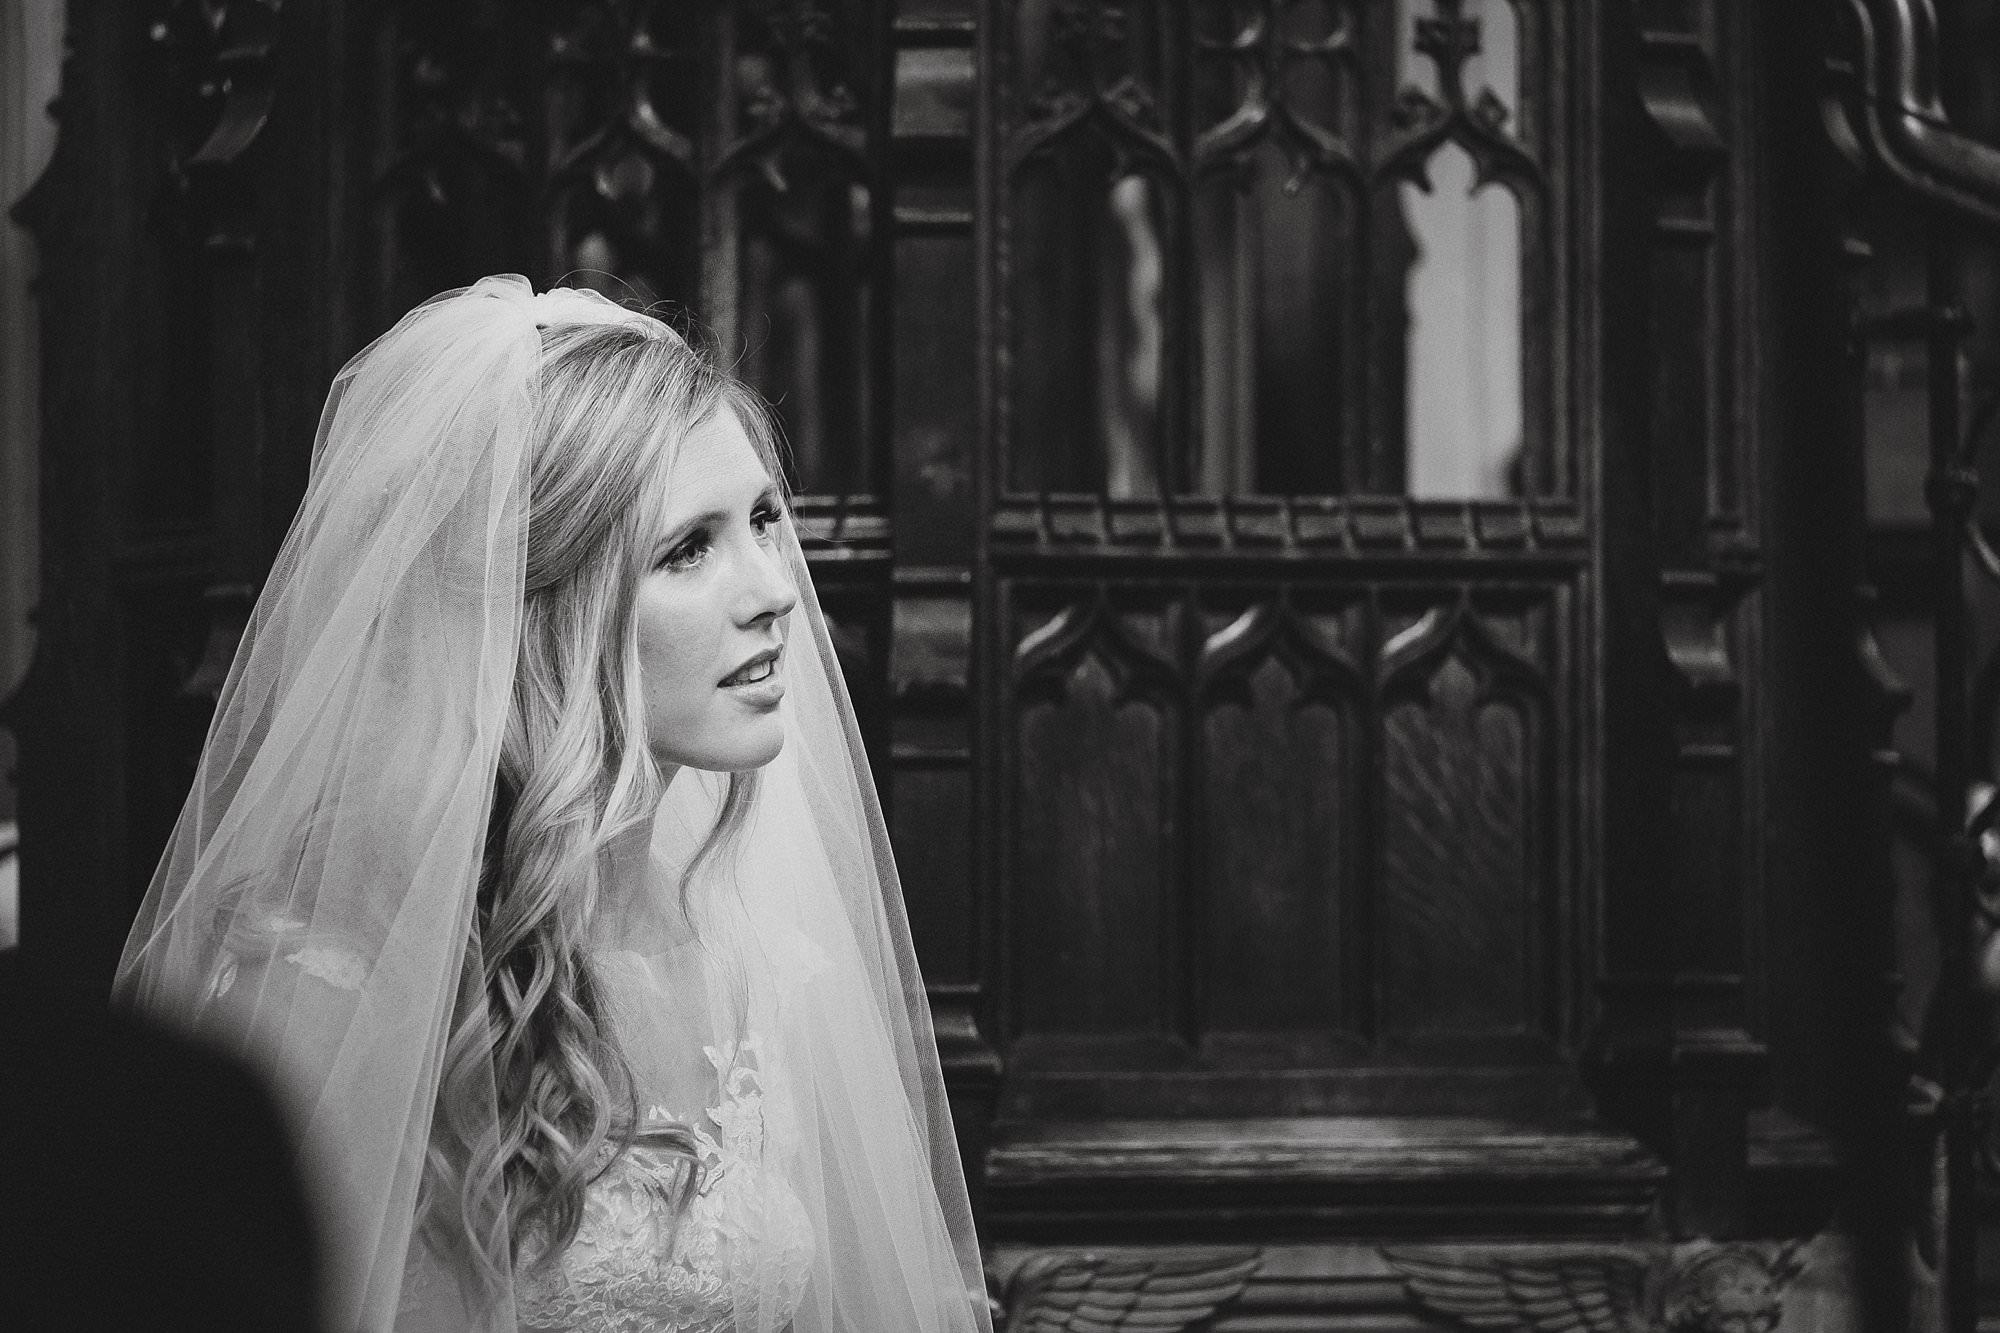 fulham palace wedding photographer 034 - Rosanna & Duncan's Fulham Palace Wedding